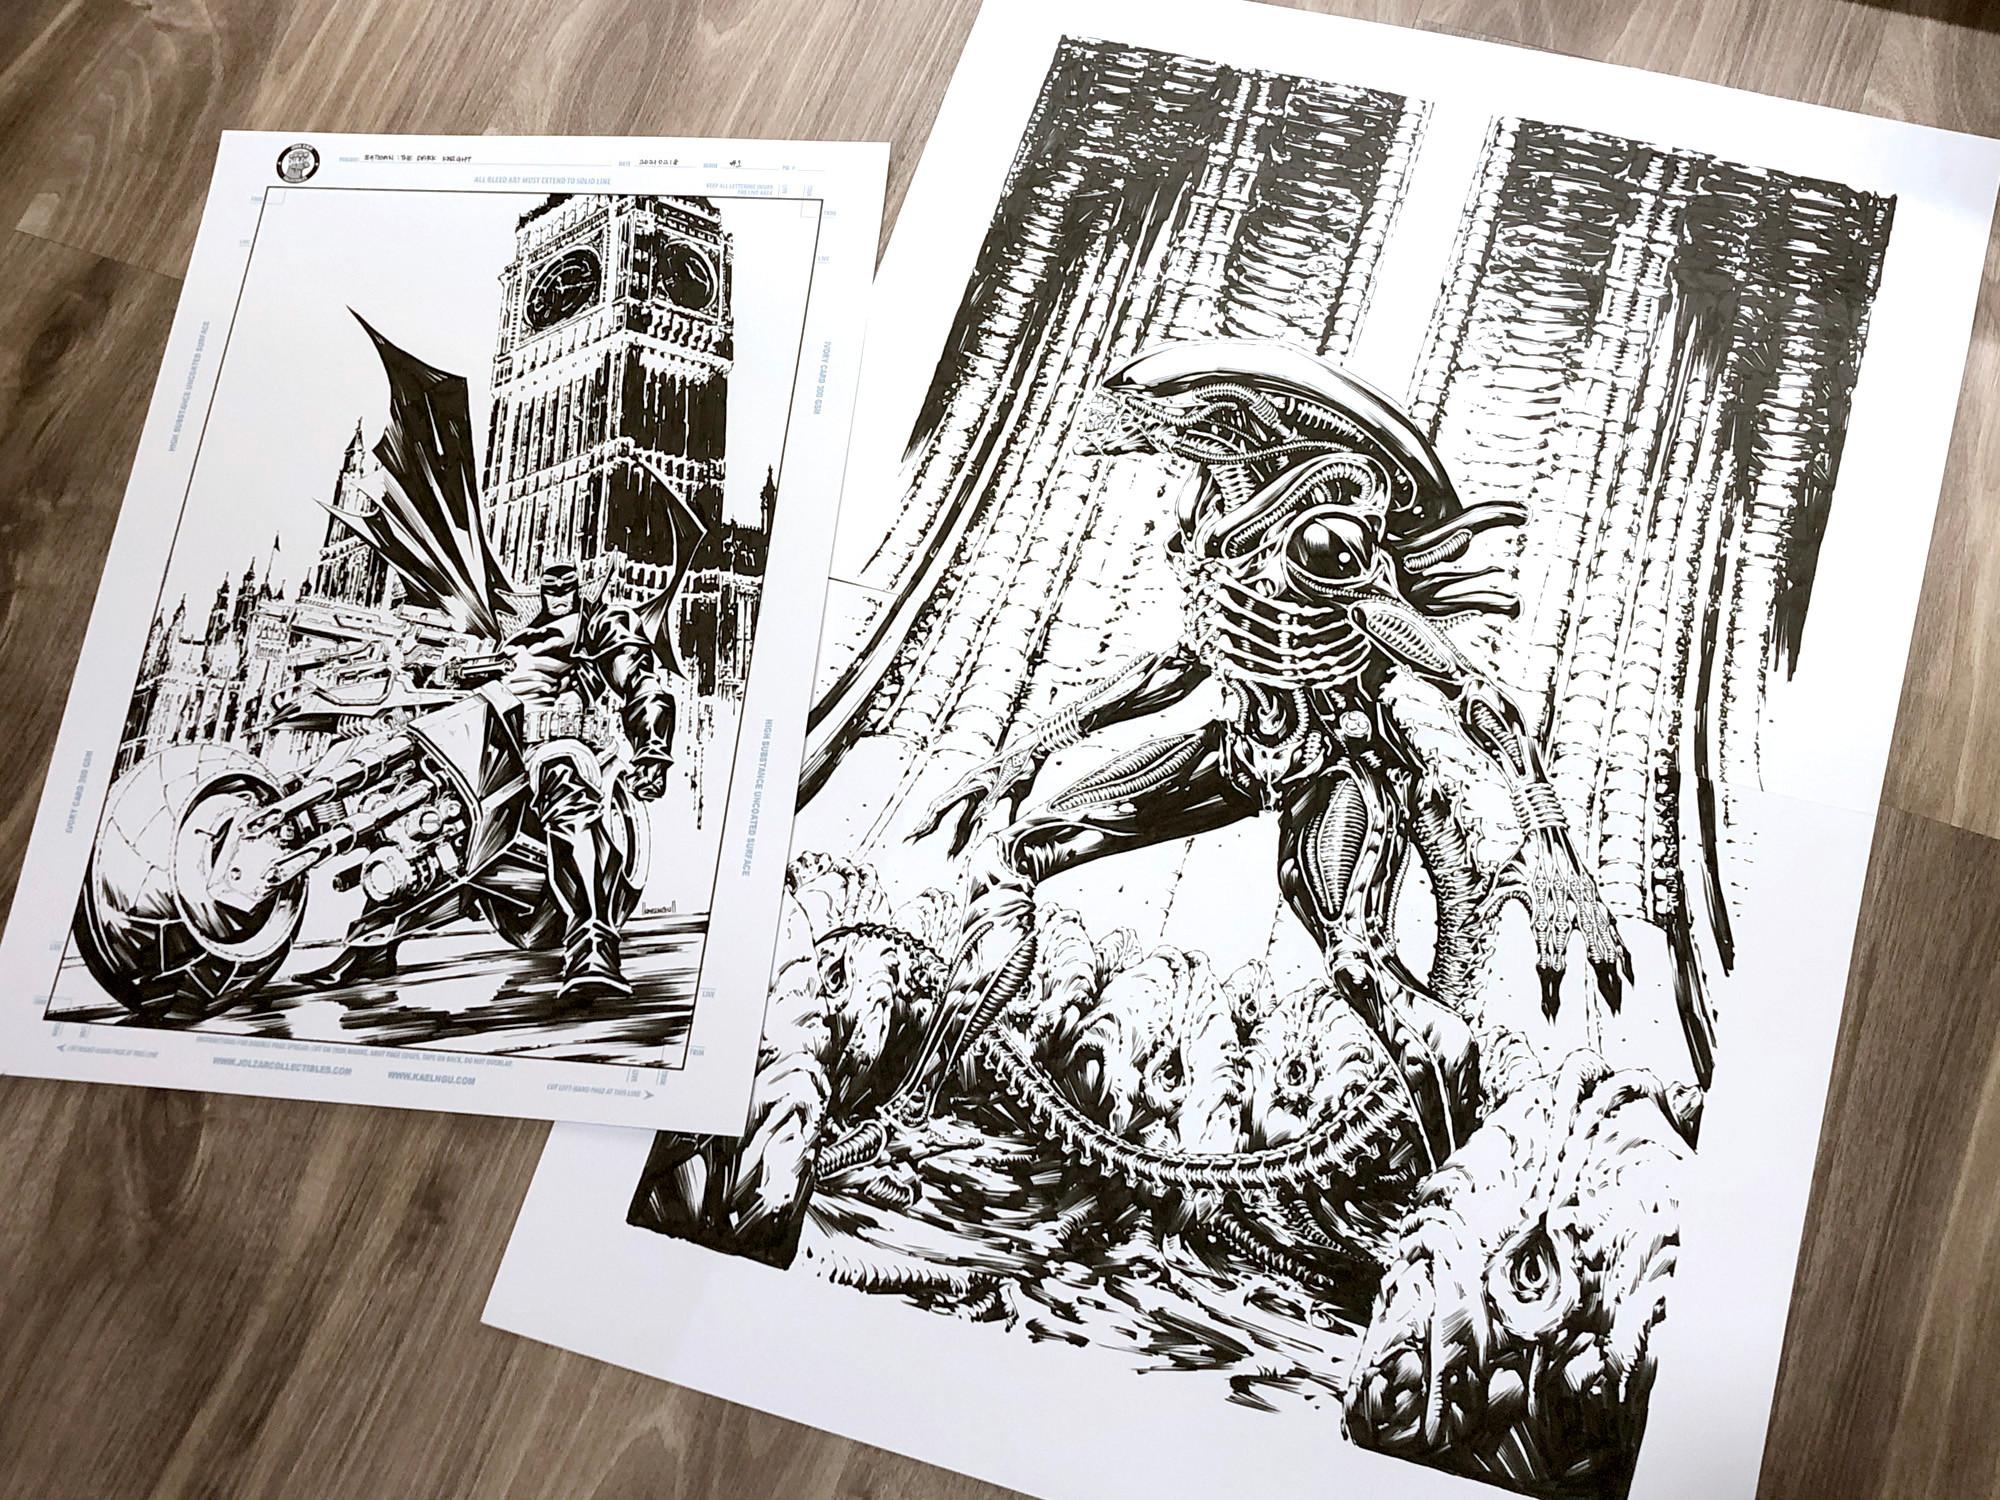 Scale comparison, Batman original art measuring 11x17, with Alien at 16x23.